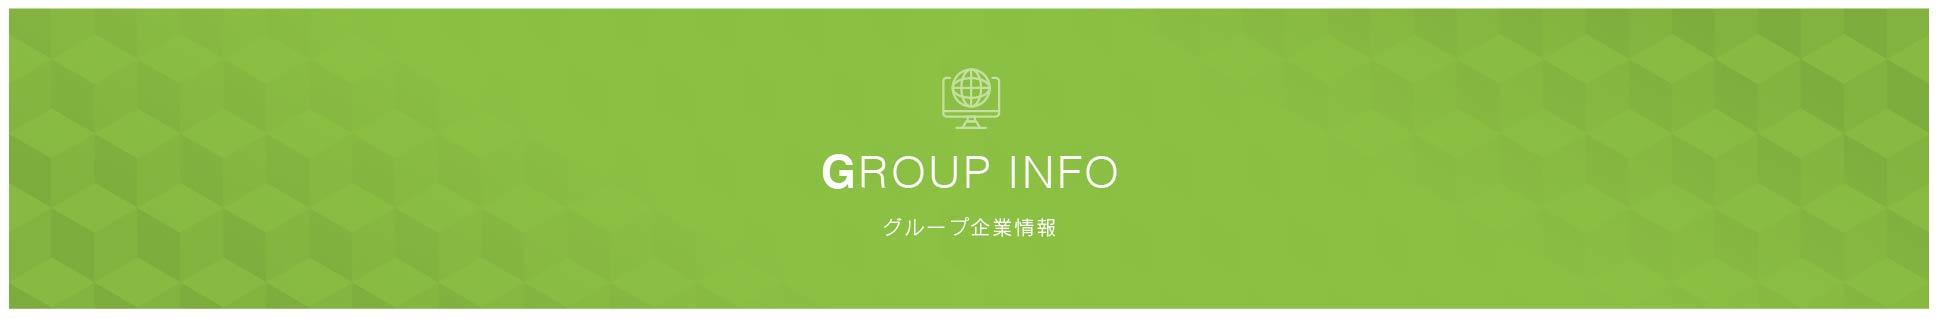 グループ情報